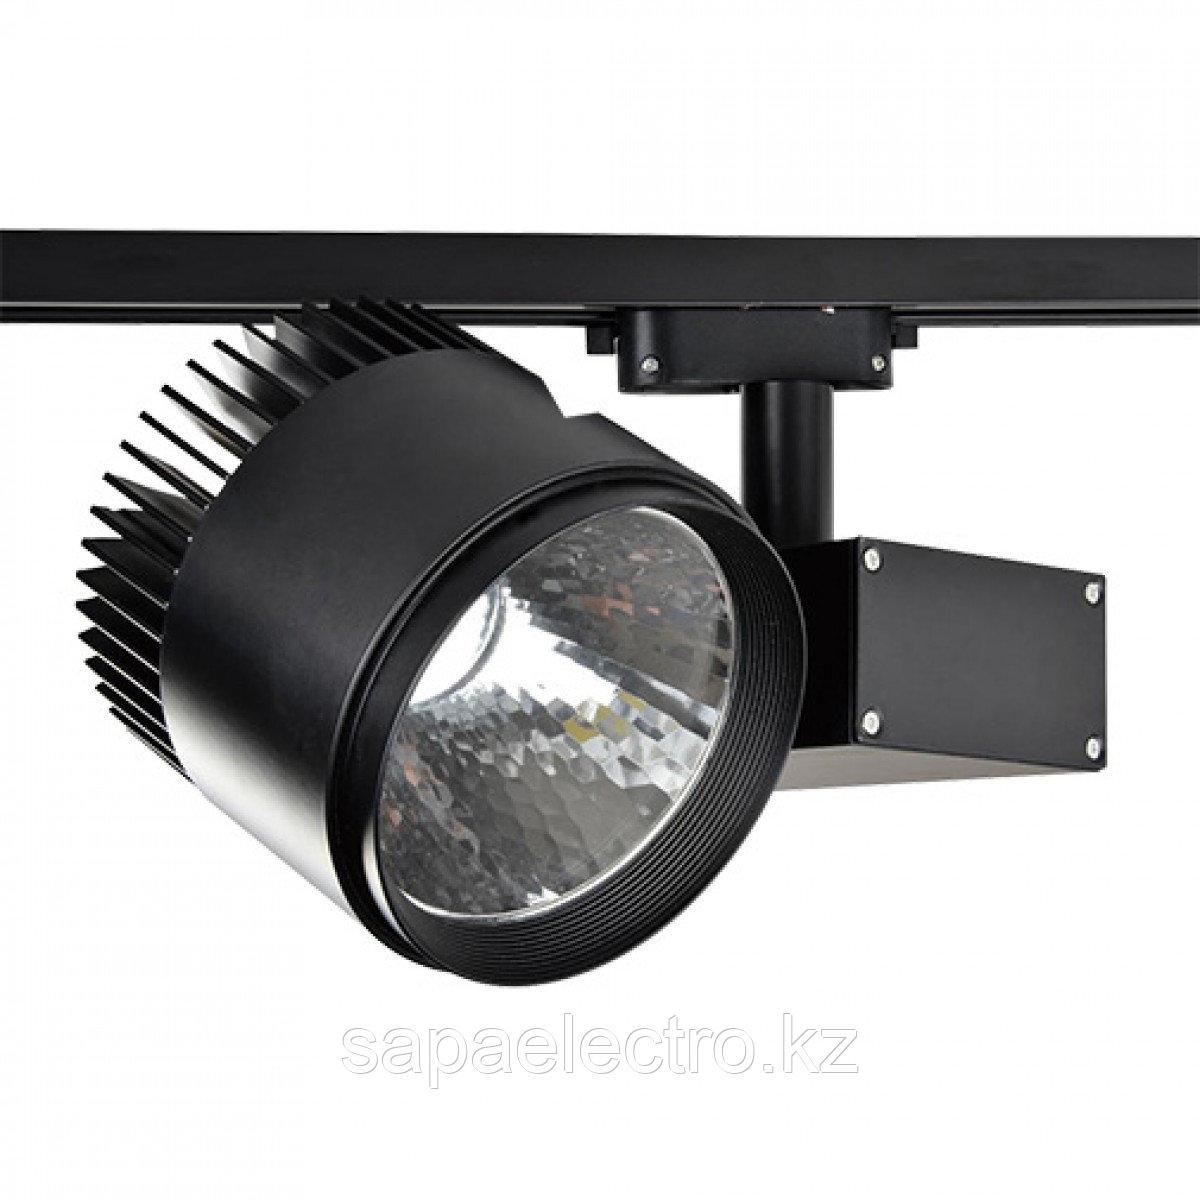 Св-к. LED DK883 50W 5700K BLACK TRACK (TS) 6шт